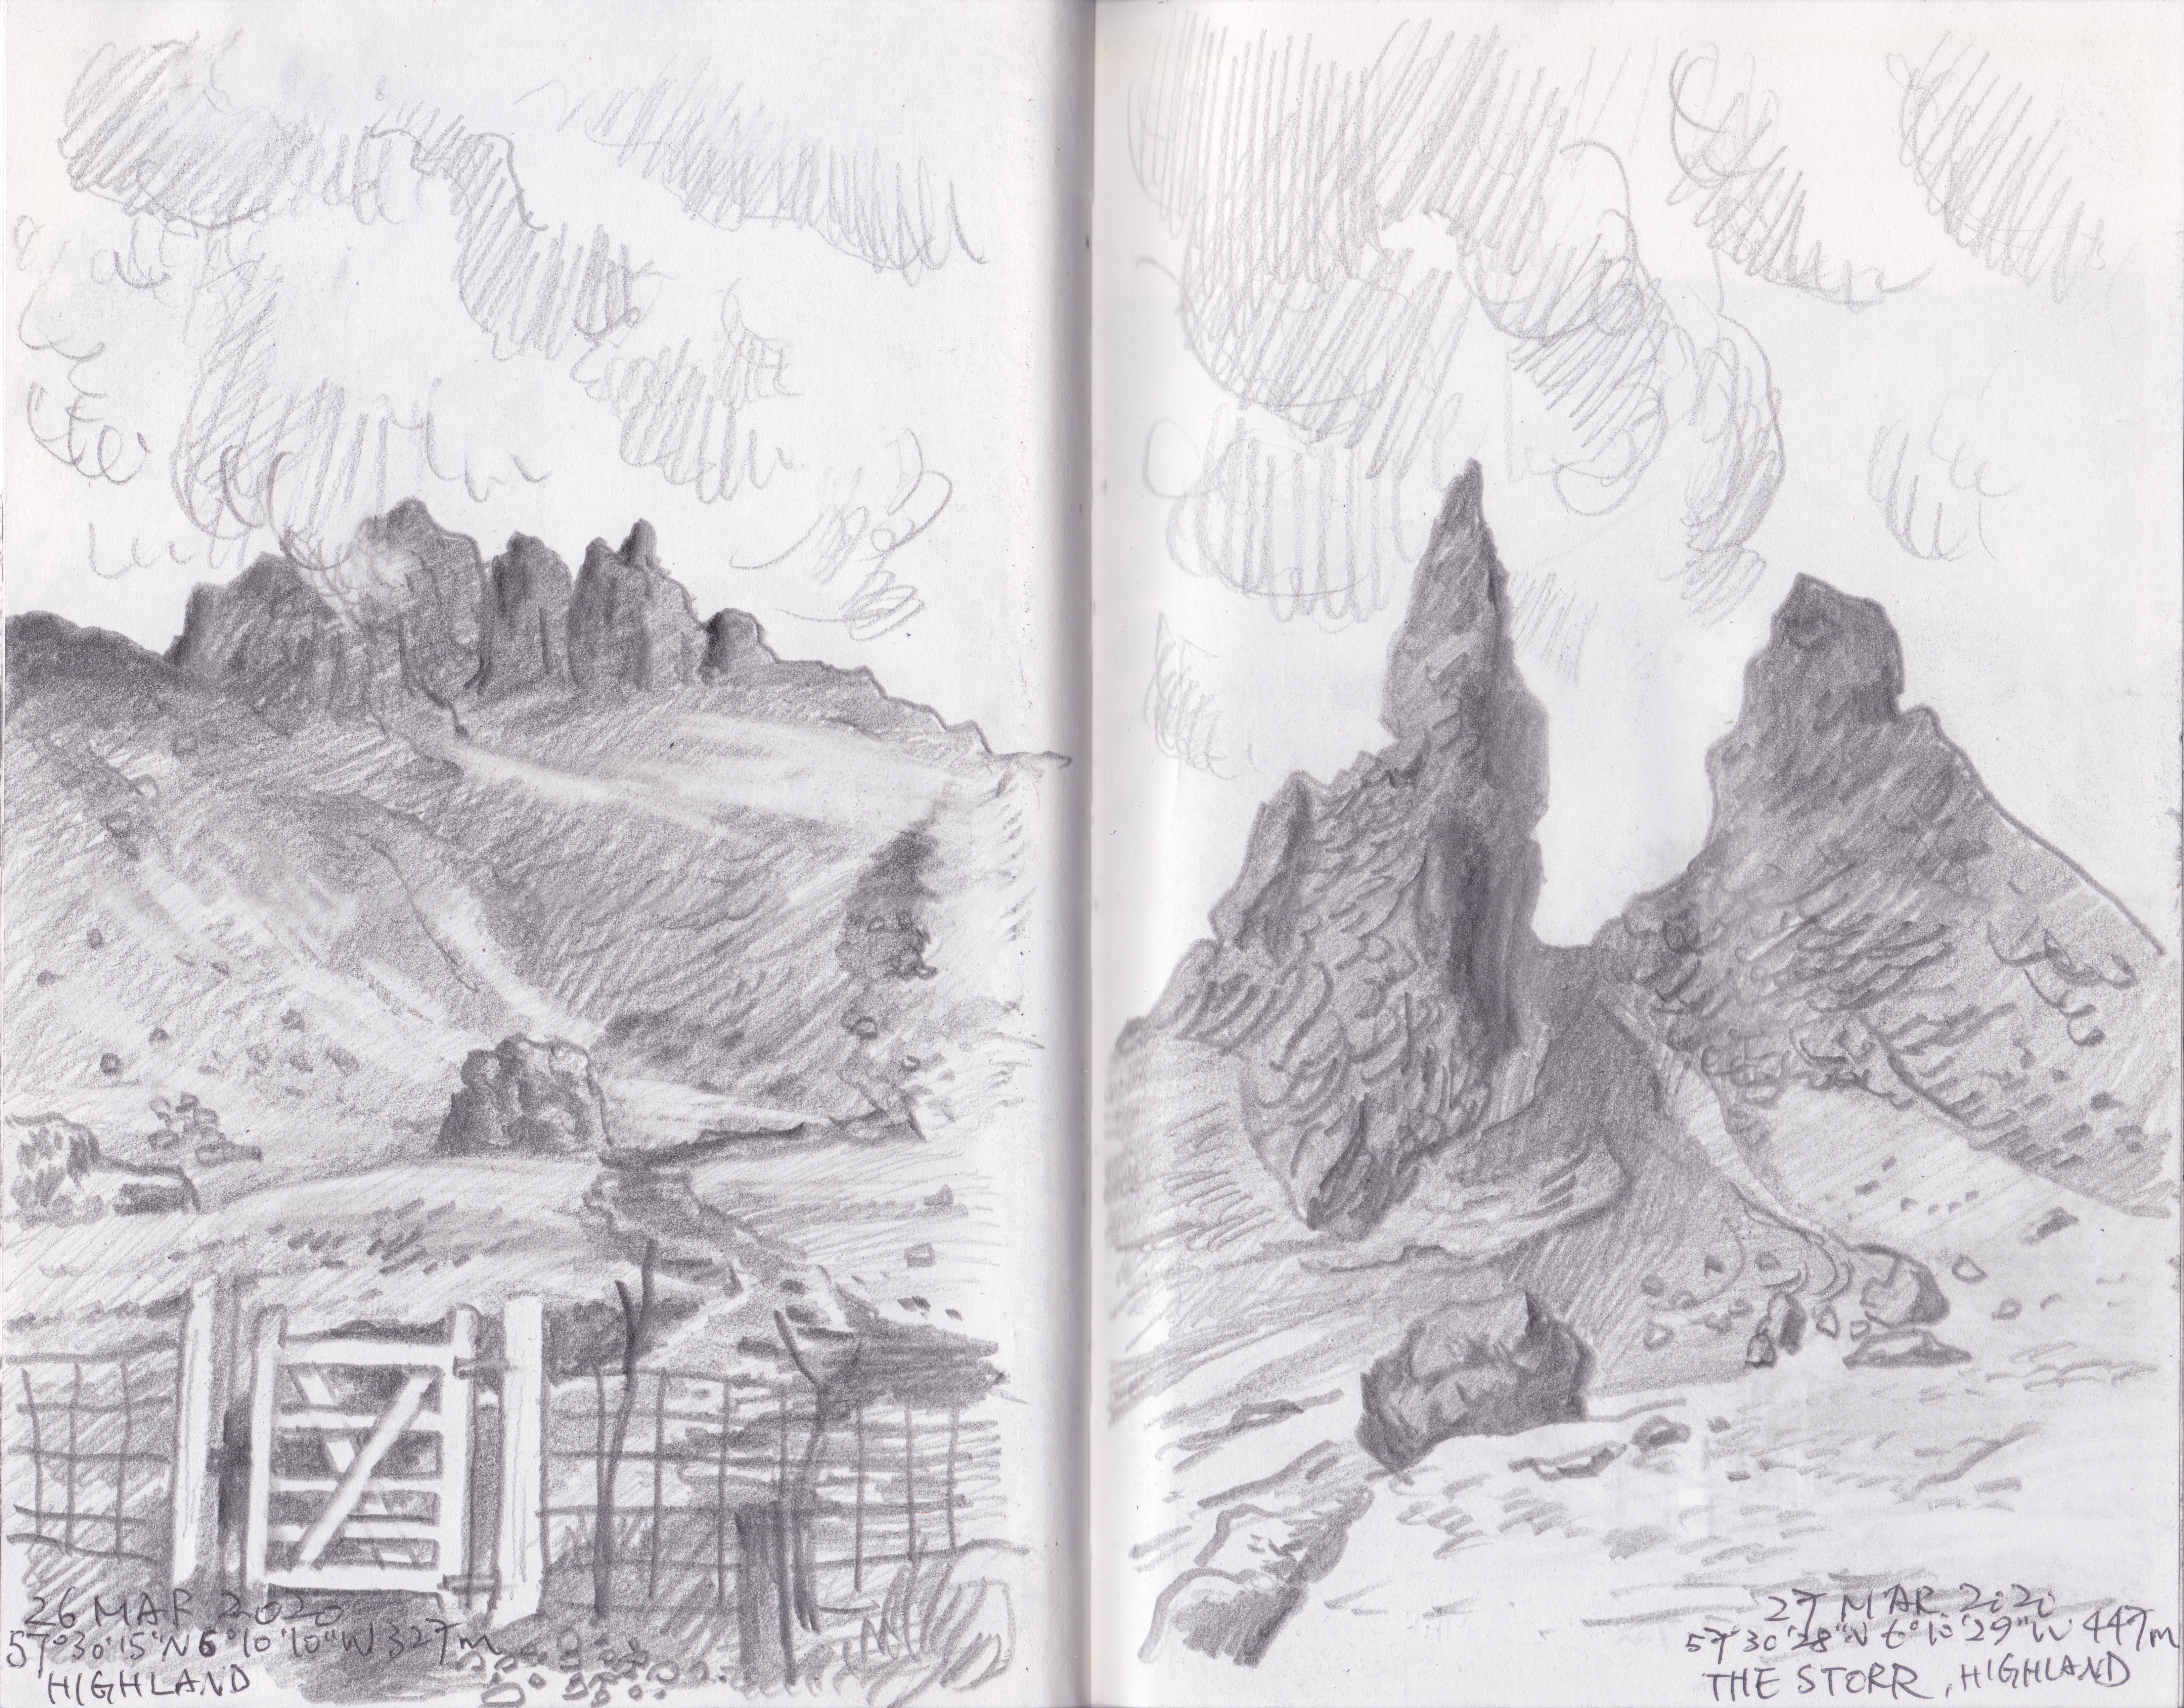 蘇格蘭高地The Storr,圖中一條道路通過兩塊巨石之間,是黃希望日後可親身到訪之地。